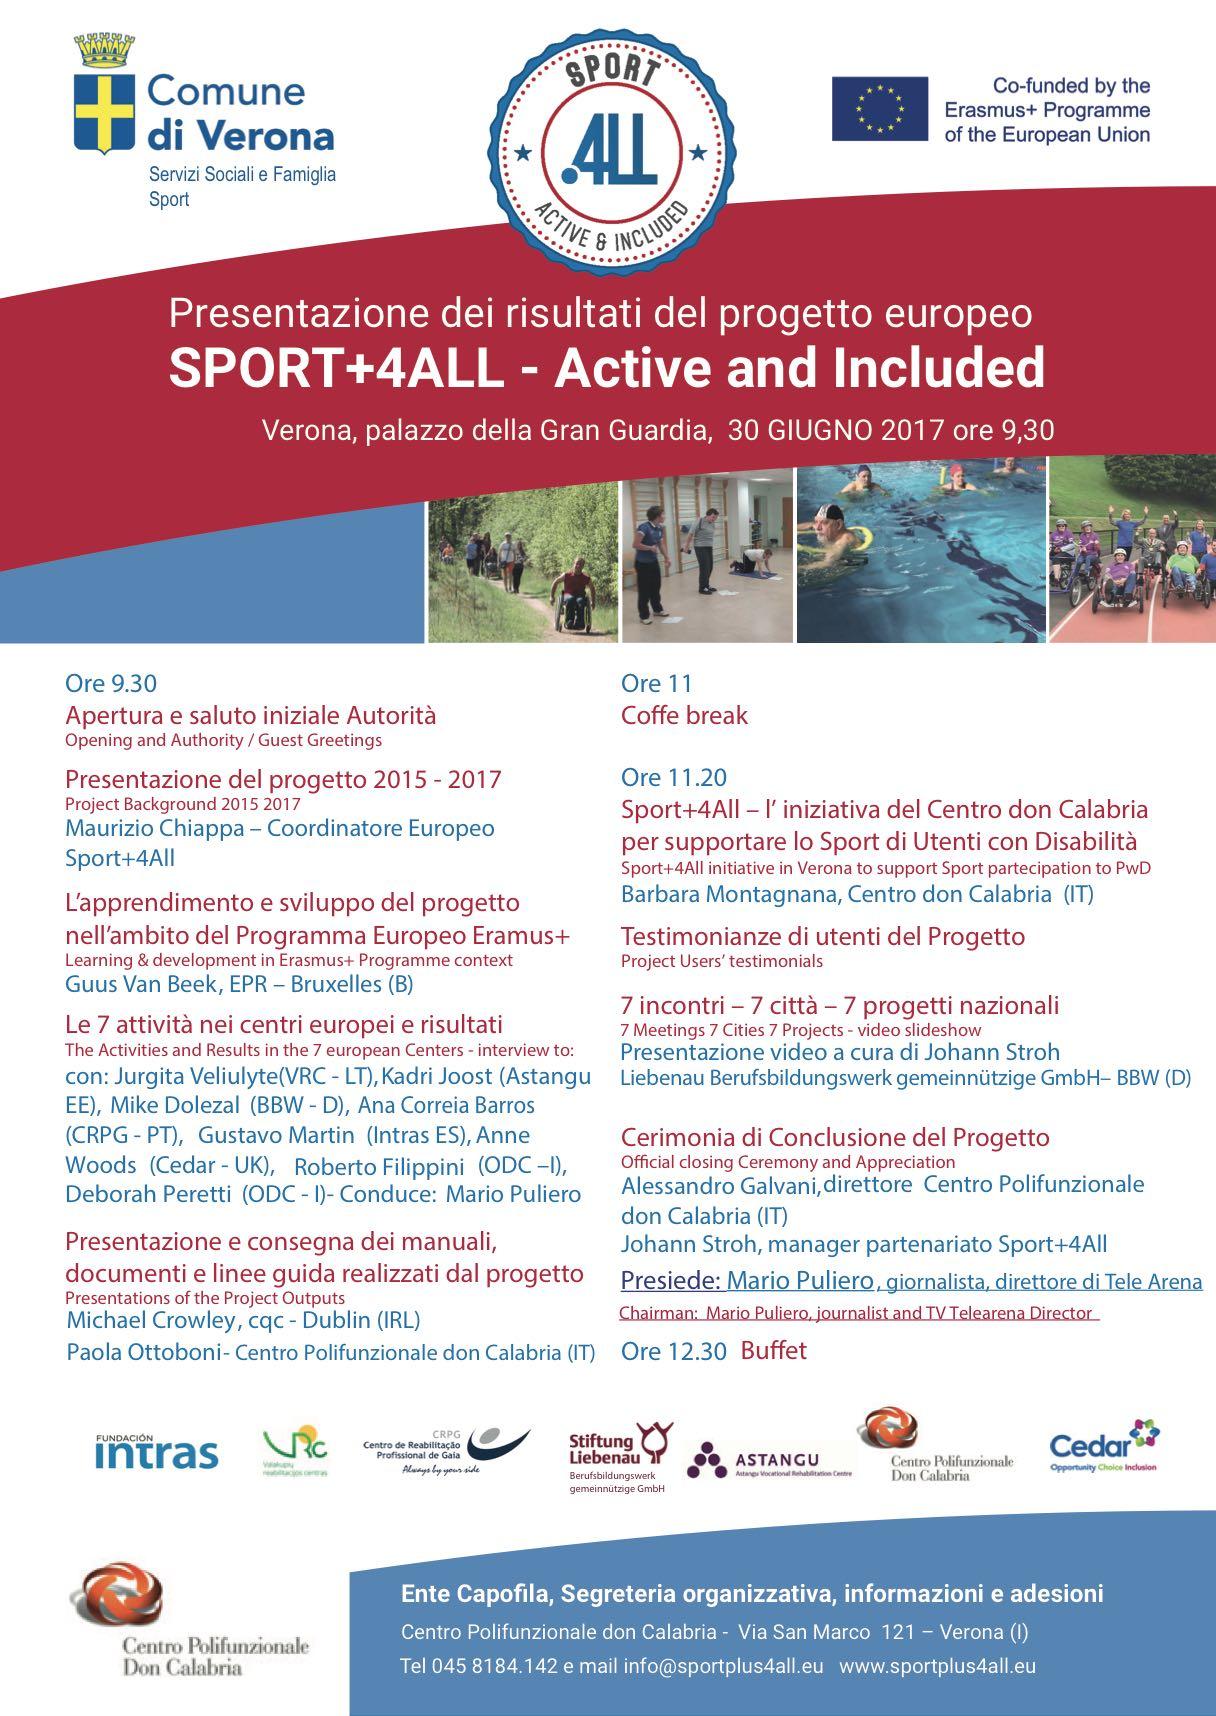 Presentazione dei risultati del progetto europeo Sport + 4 All – Active and Included